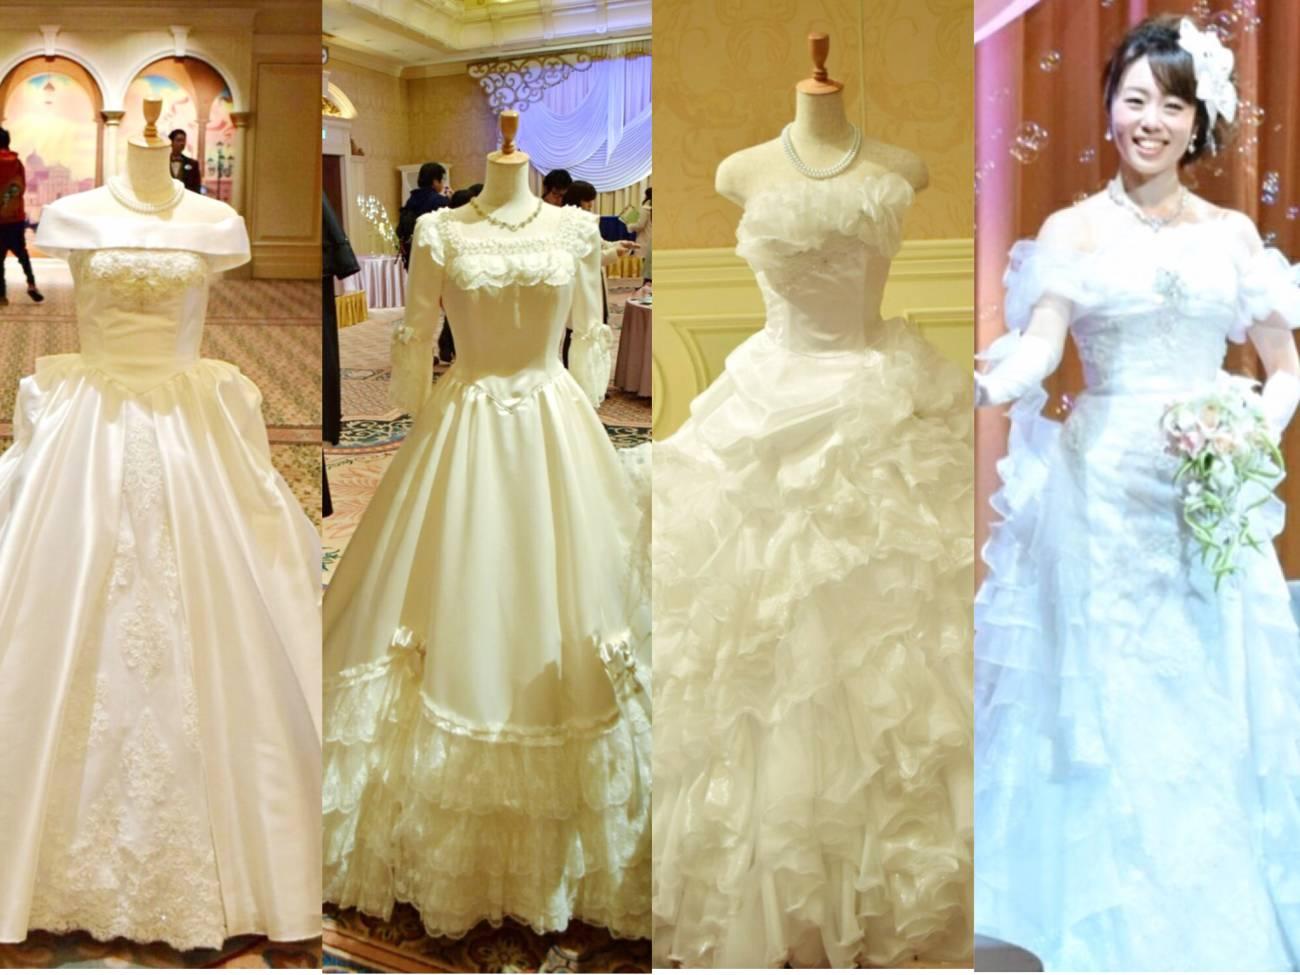 結婚式当日、どんなウェディングドレス、カラードレスを着ようか、ということではないでしょうか? ホテルミラコスタでは、オリジナルのウェディングドレス、カラー